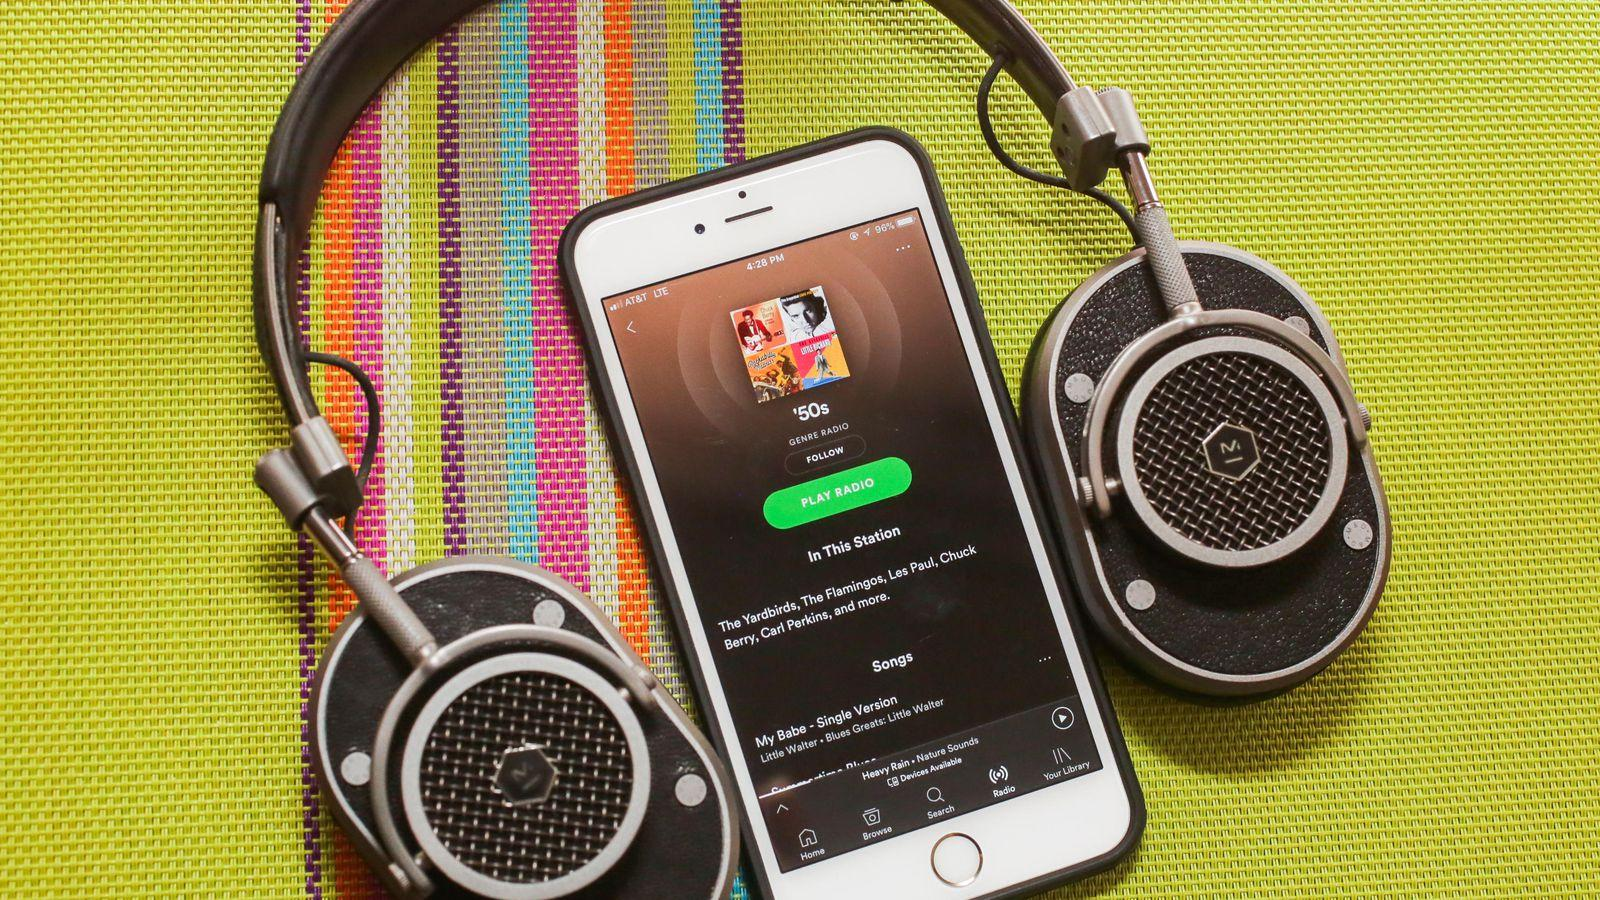 Крупные музыкальные сервисы обжалуют повышение авторских гонораров (01 spotify headphones)